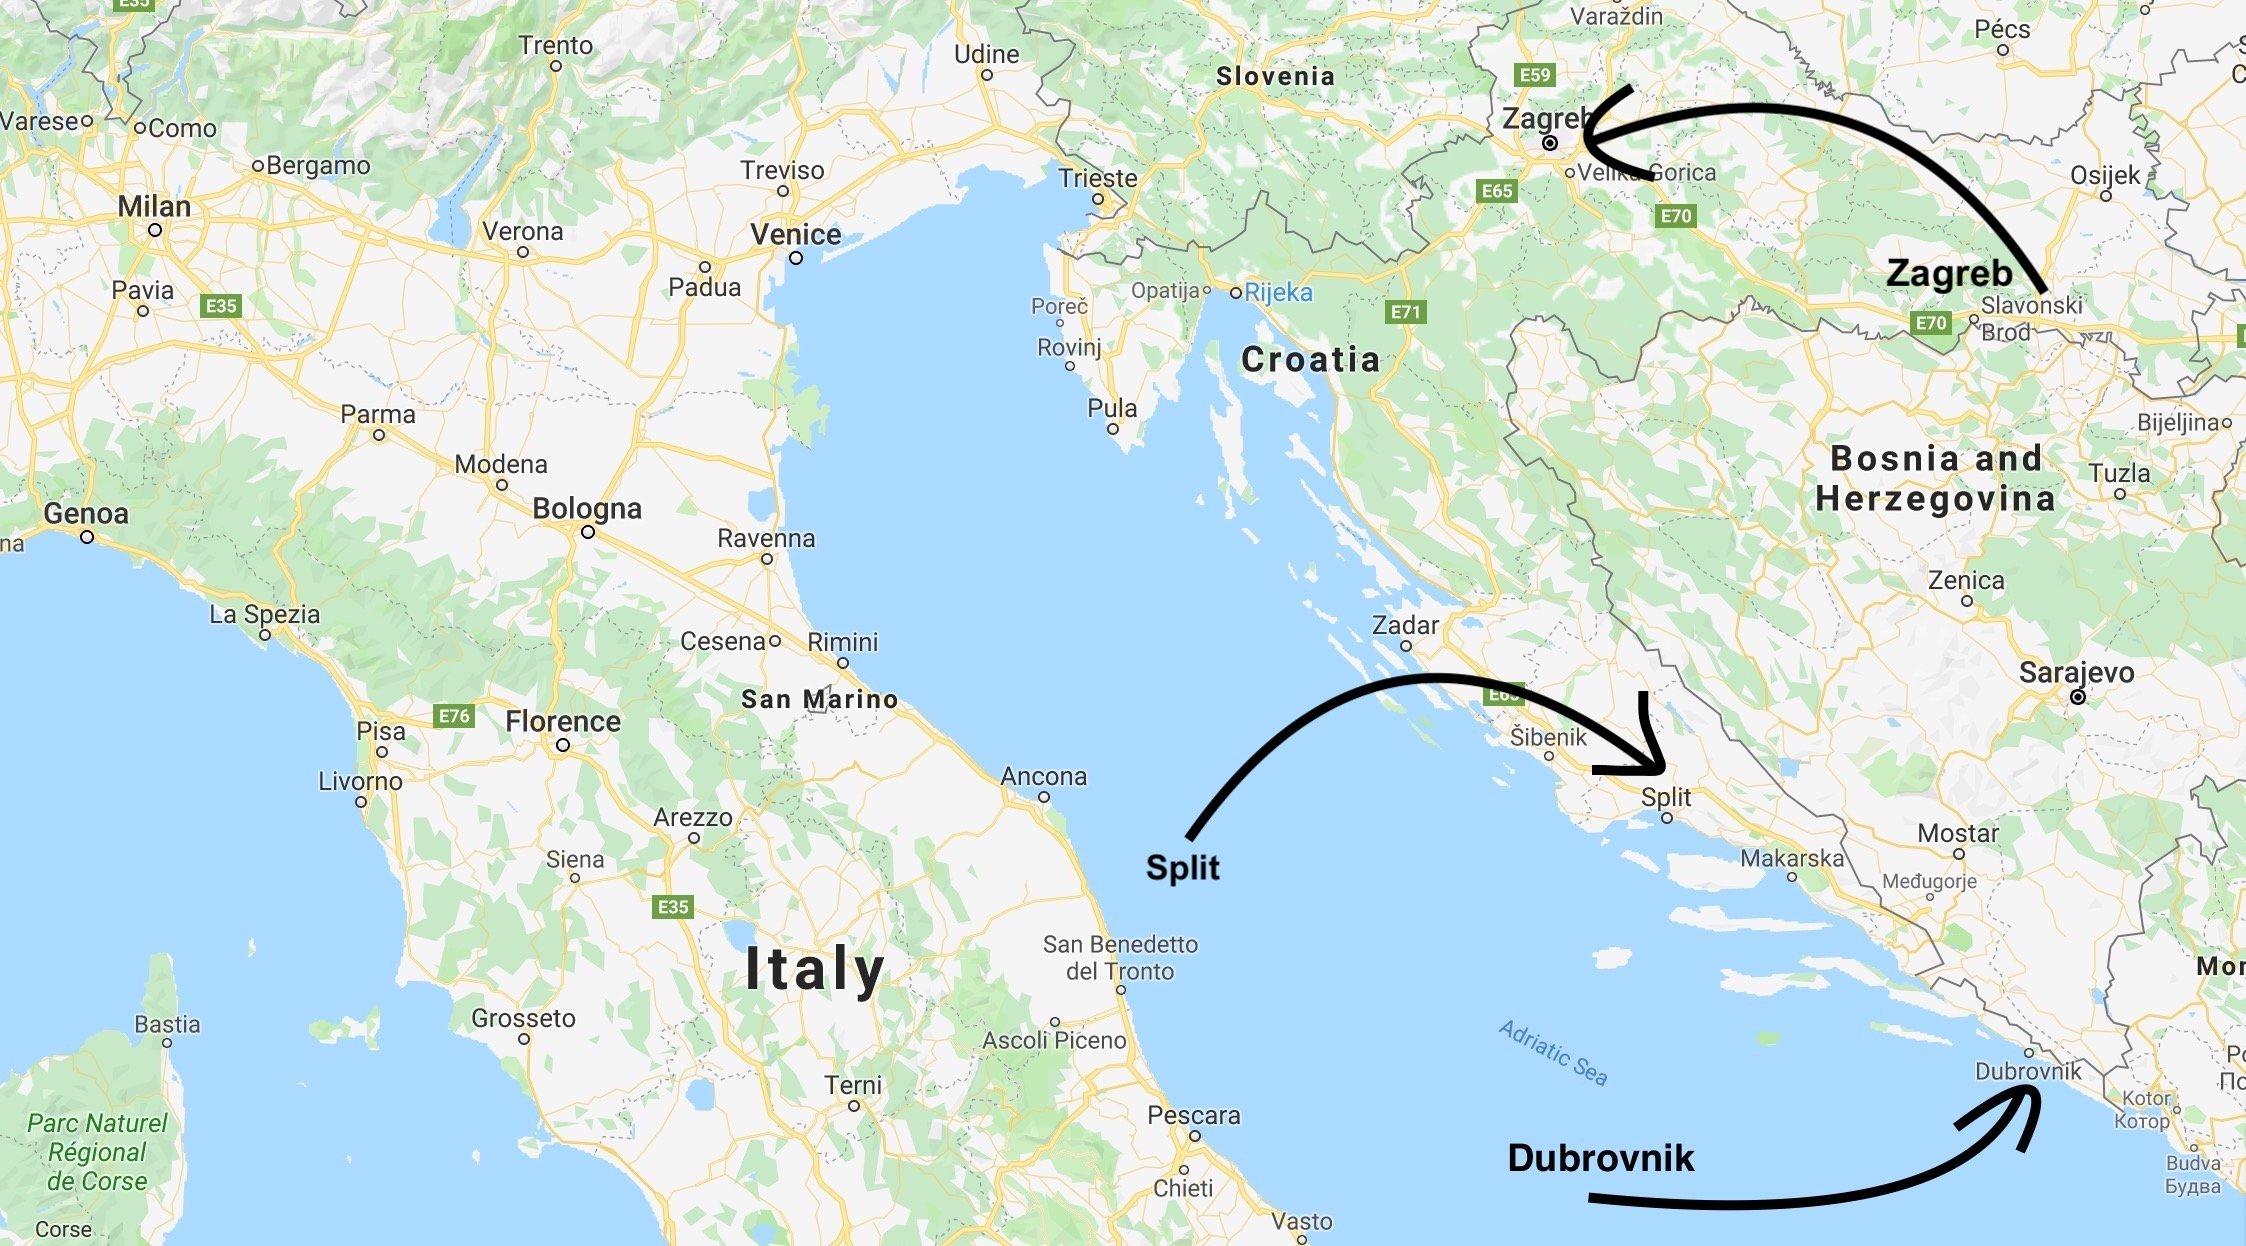 ILP Croatia - Dalmation Coast